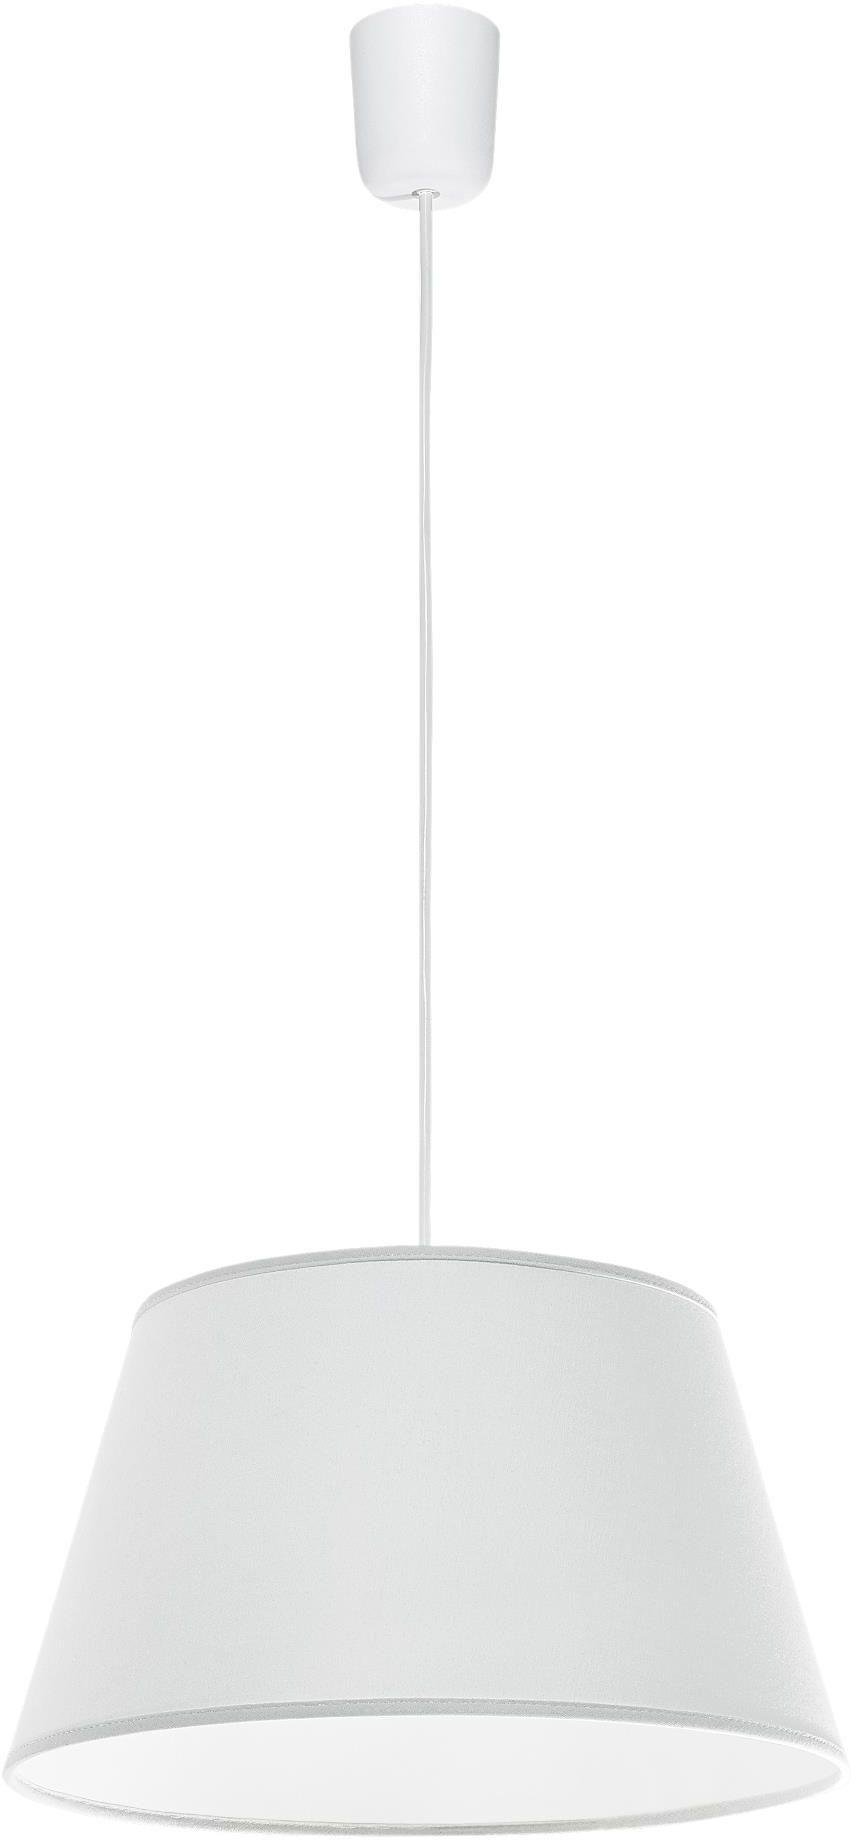 Lampex Kegle biała 410/BIA lampa wisząca nowoczesna biała z trapezowatym abażurem 1x60W E27 35cm